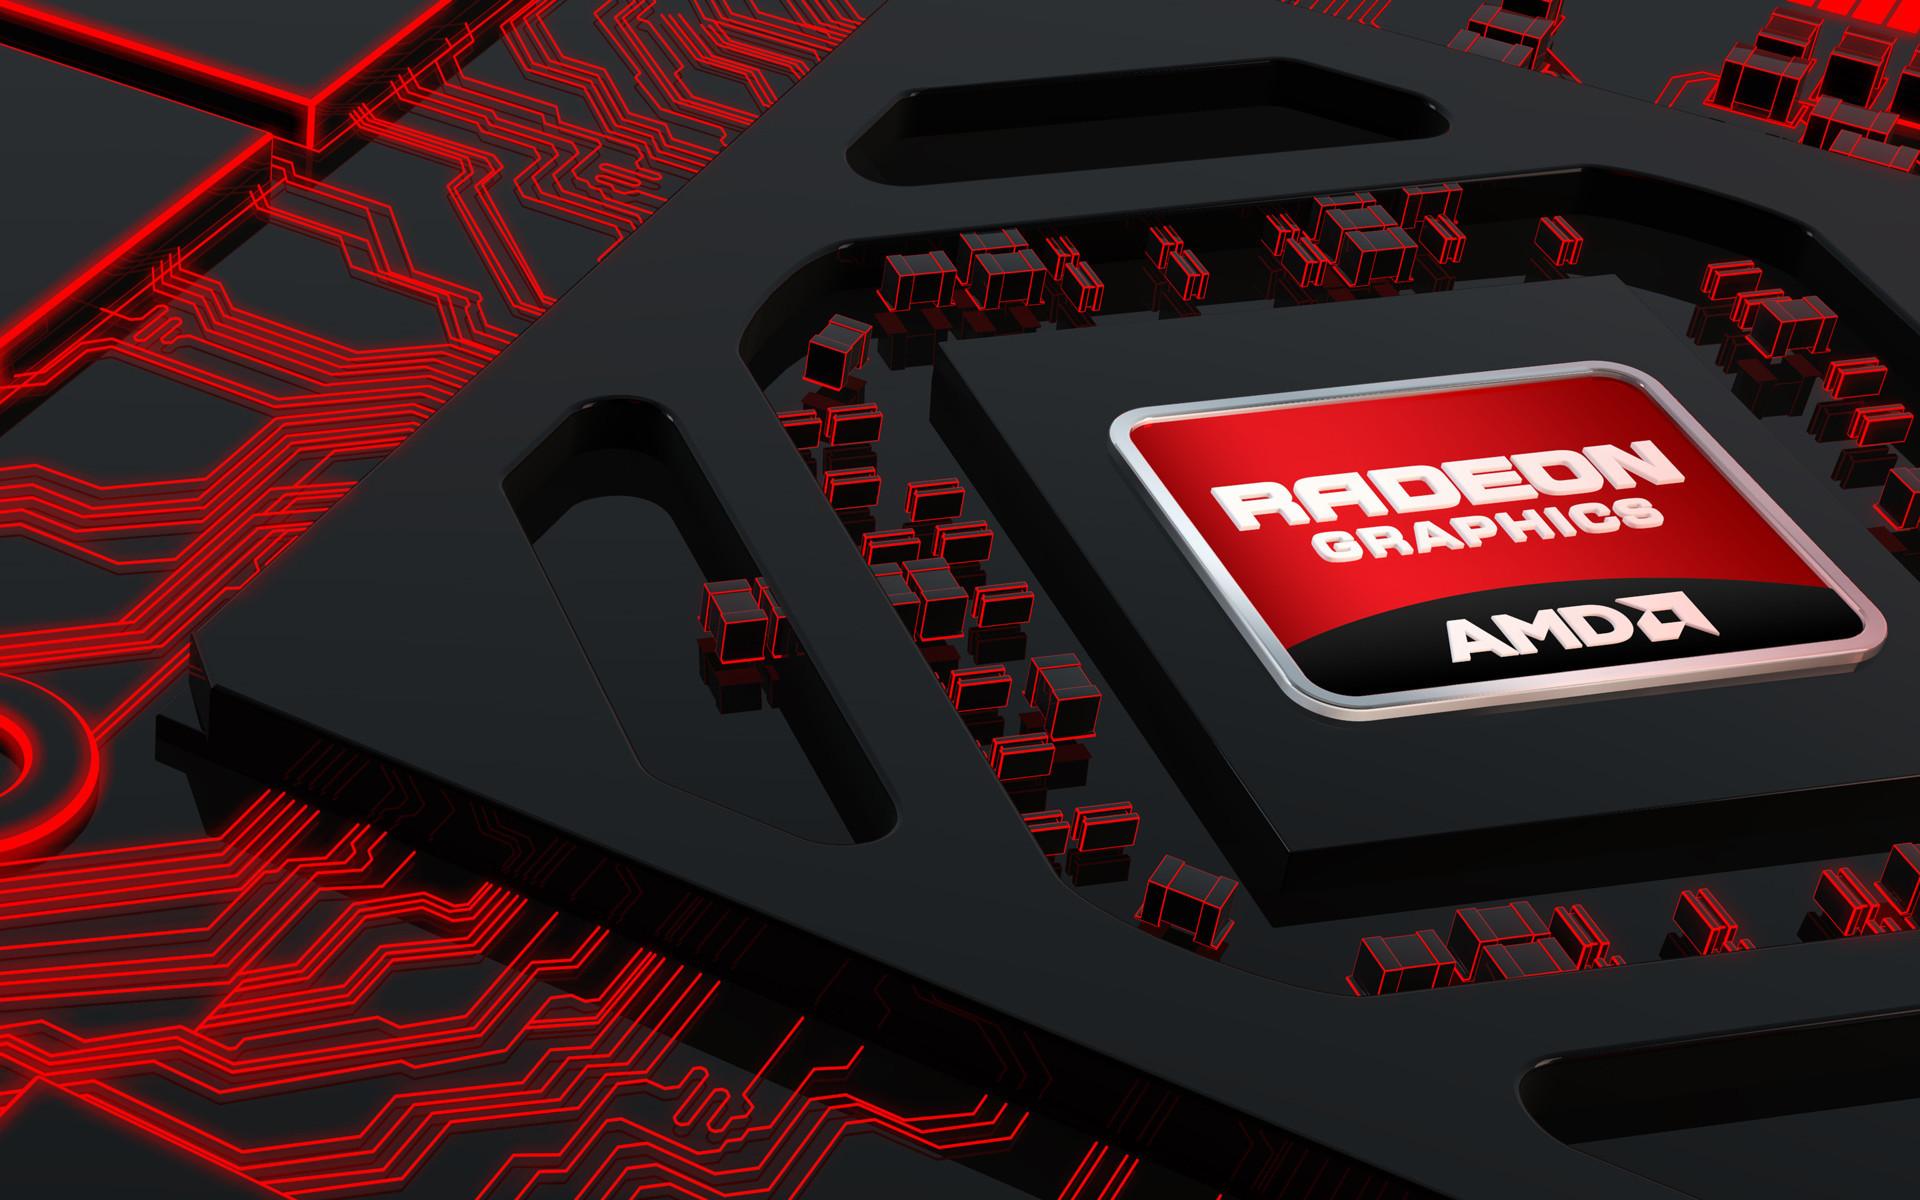 AMD Files Patent Infringement Complaint Against LG, Vizio, Others